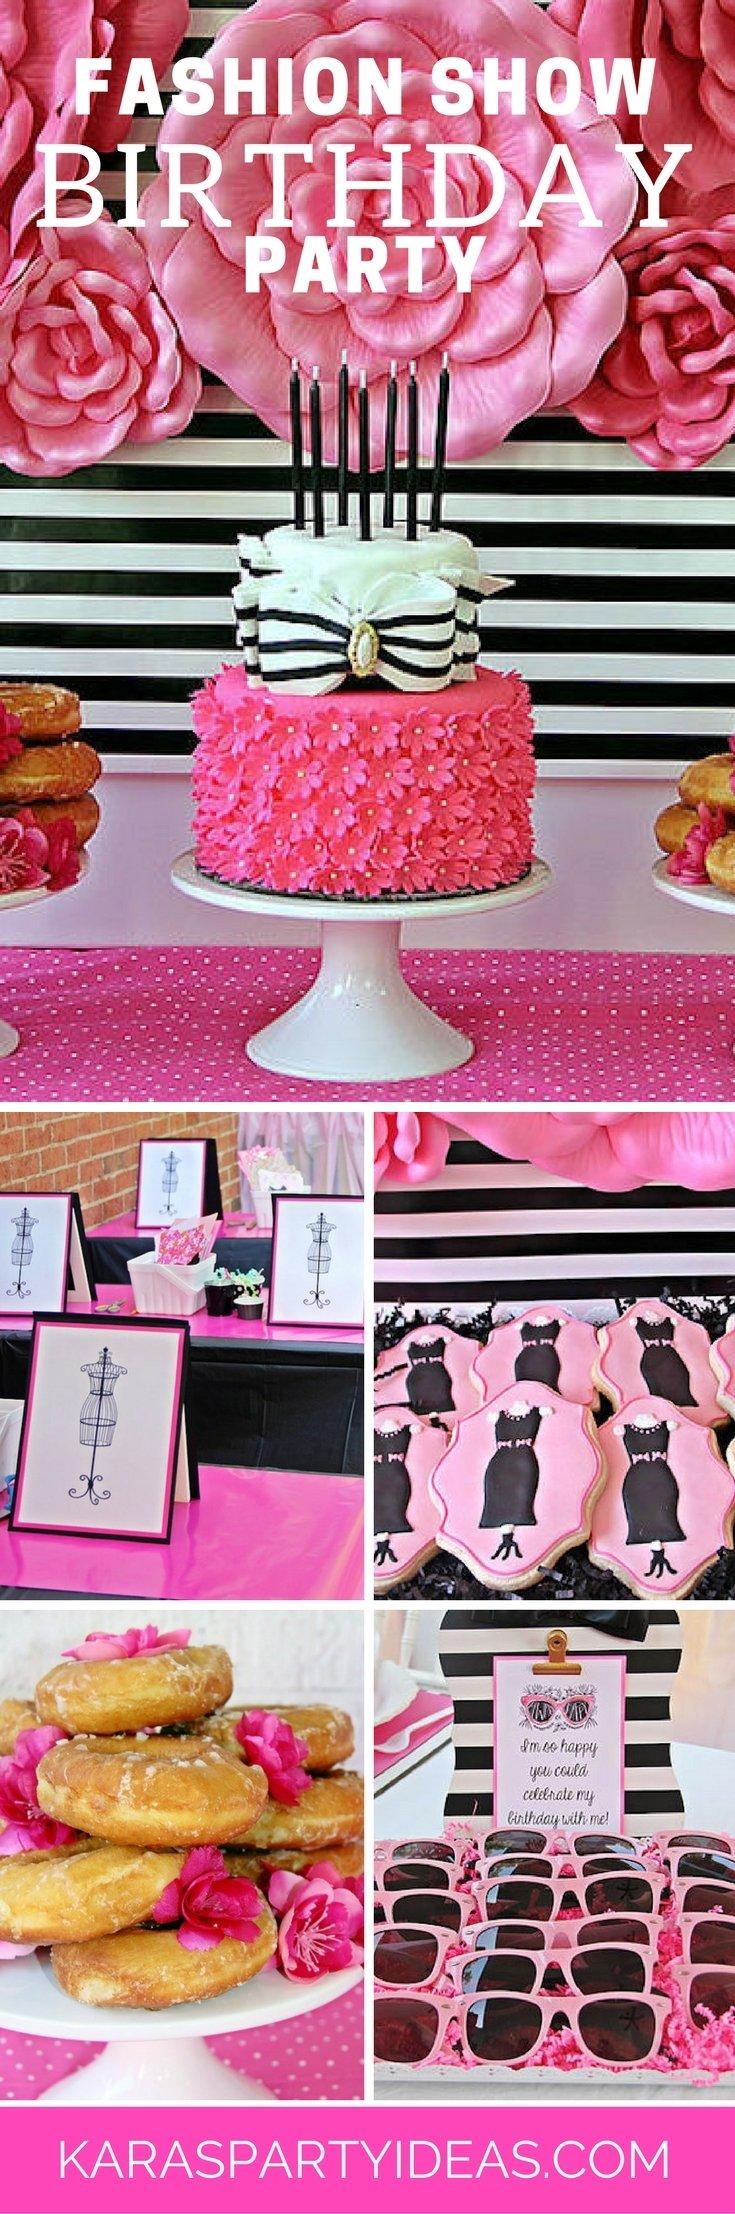 10 Unique Fashion Show Birthday Party Ideas karas party ideas fashion show birthday party karas party ideas